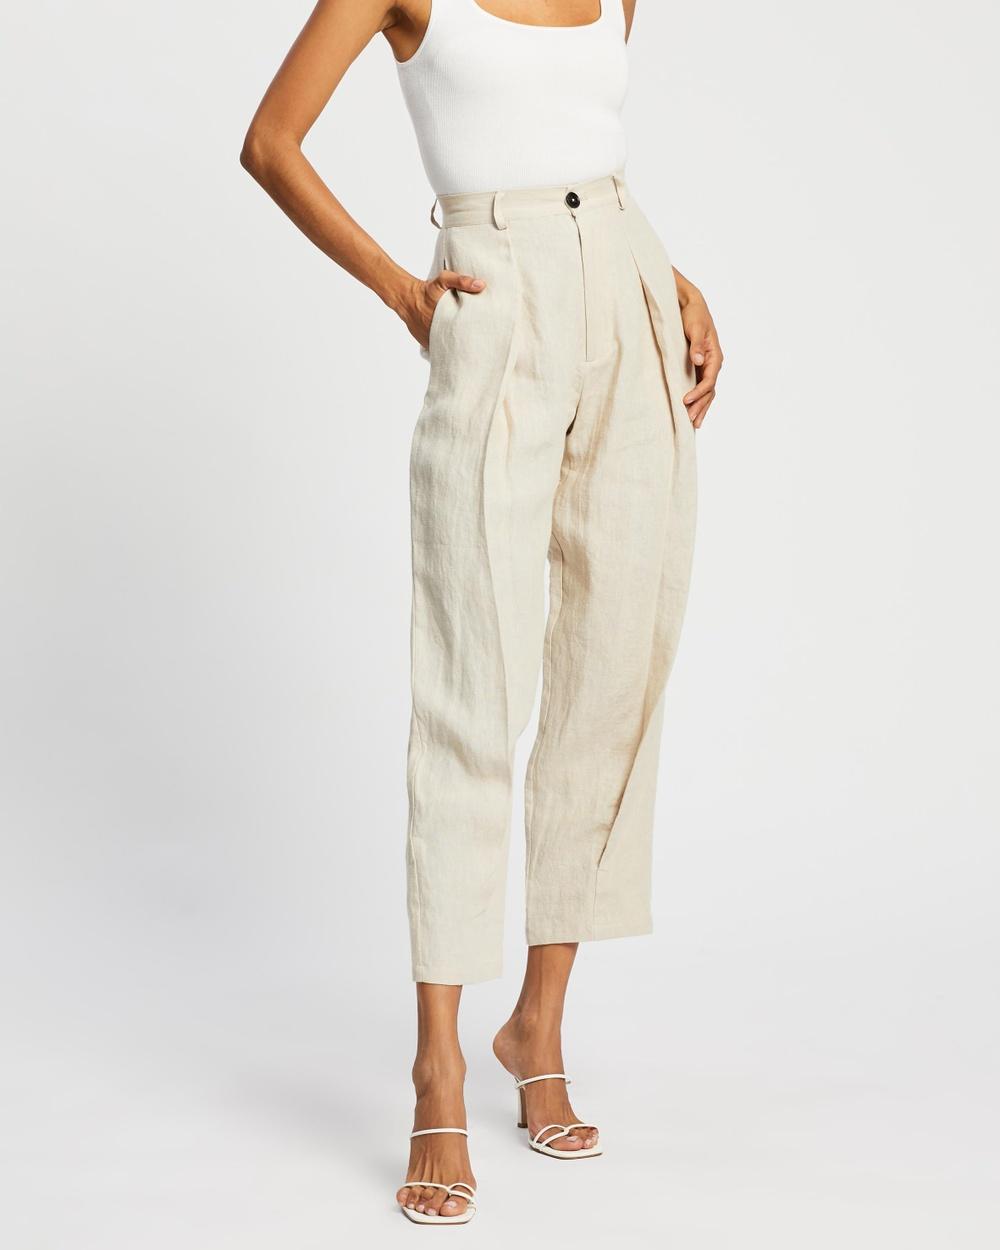 AERE Pleat Front Pants Neutral